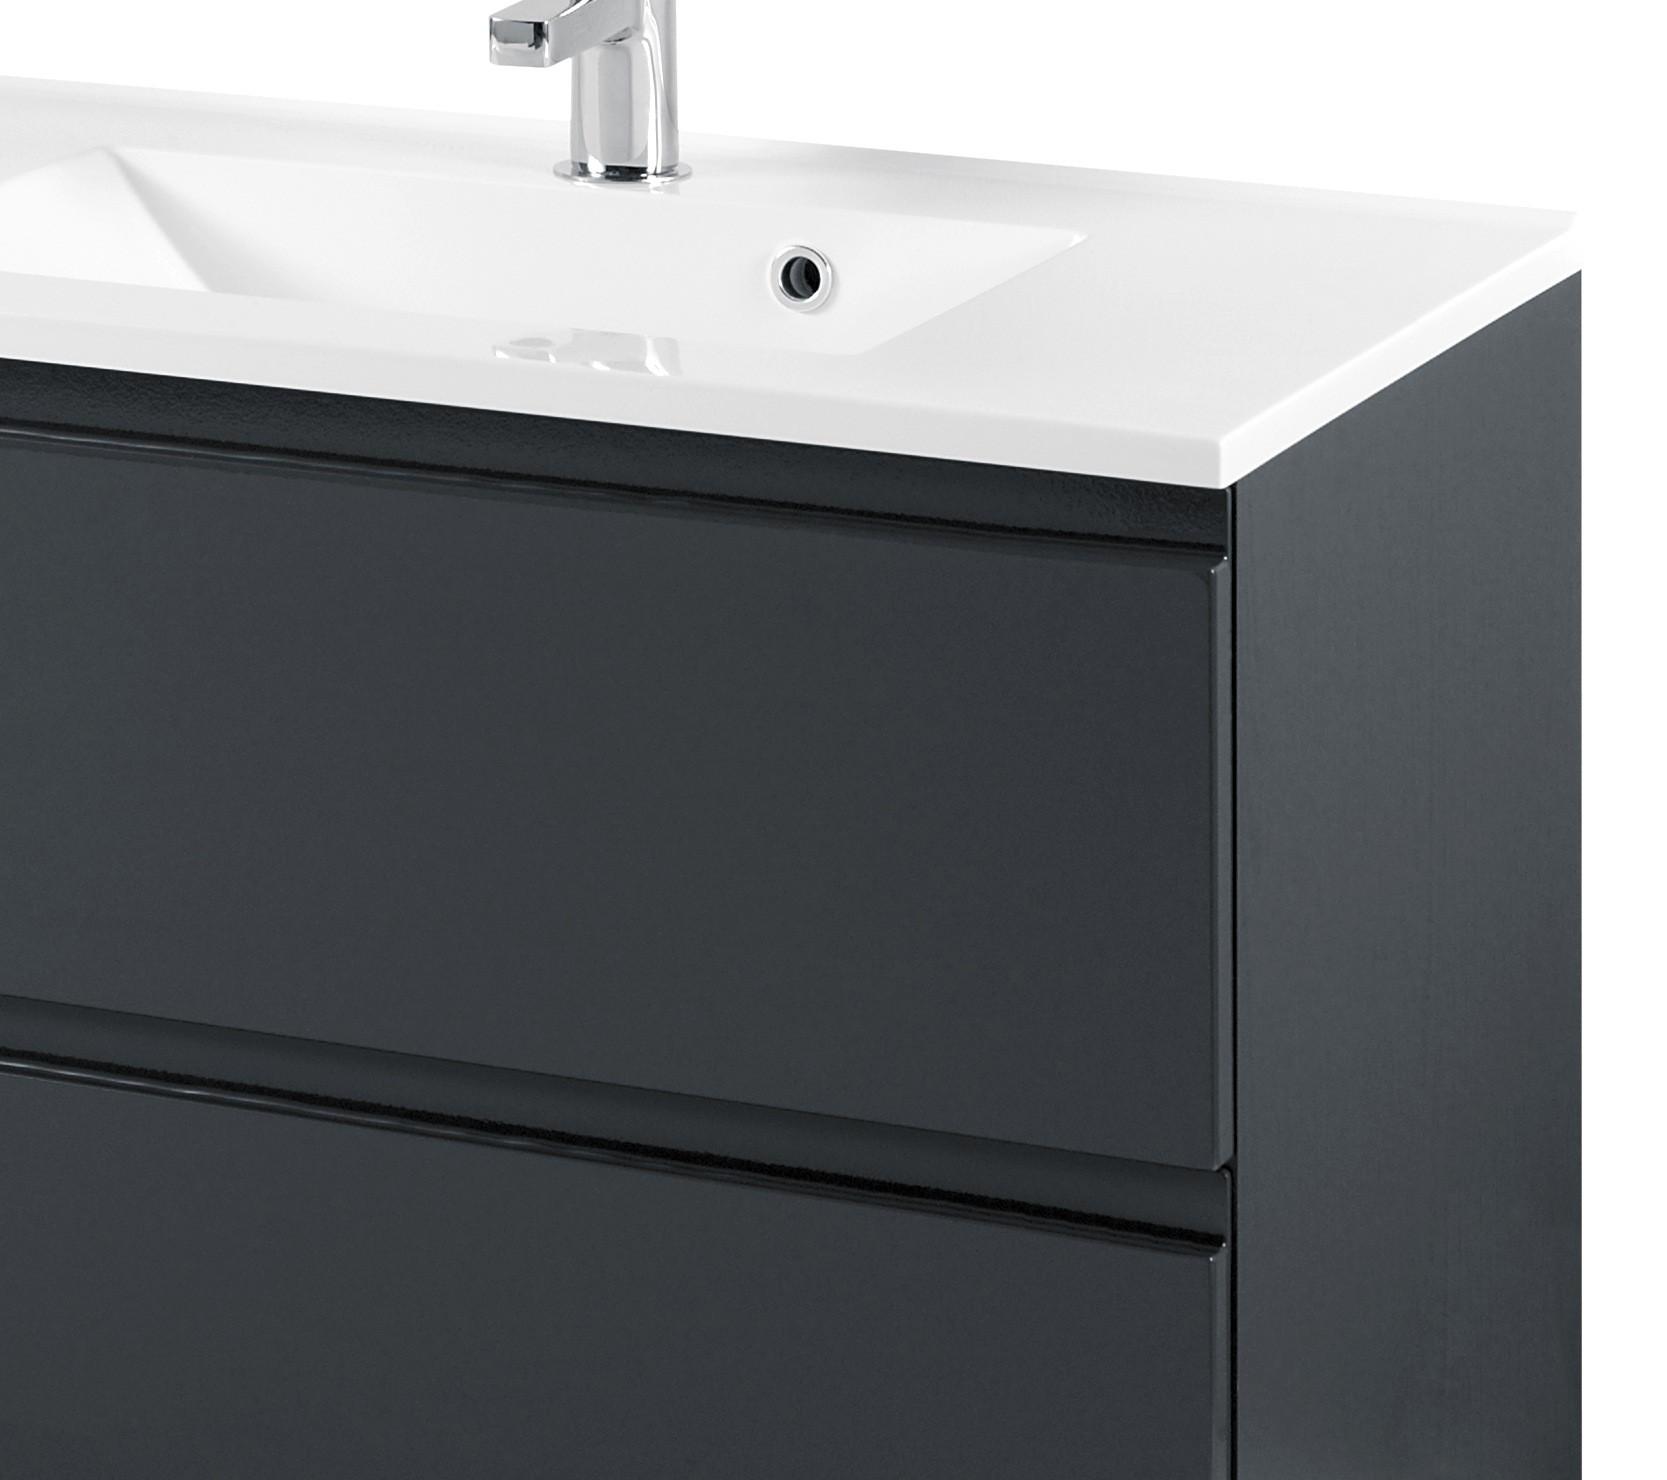 badm bel set cardiff mit waschtisch 4 teilig 80 cm breit hochglanz grau bad badm belsets. Black Bedroom Furniture Sets. Home Design Ideas